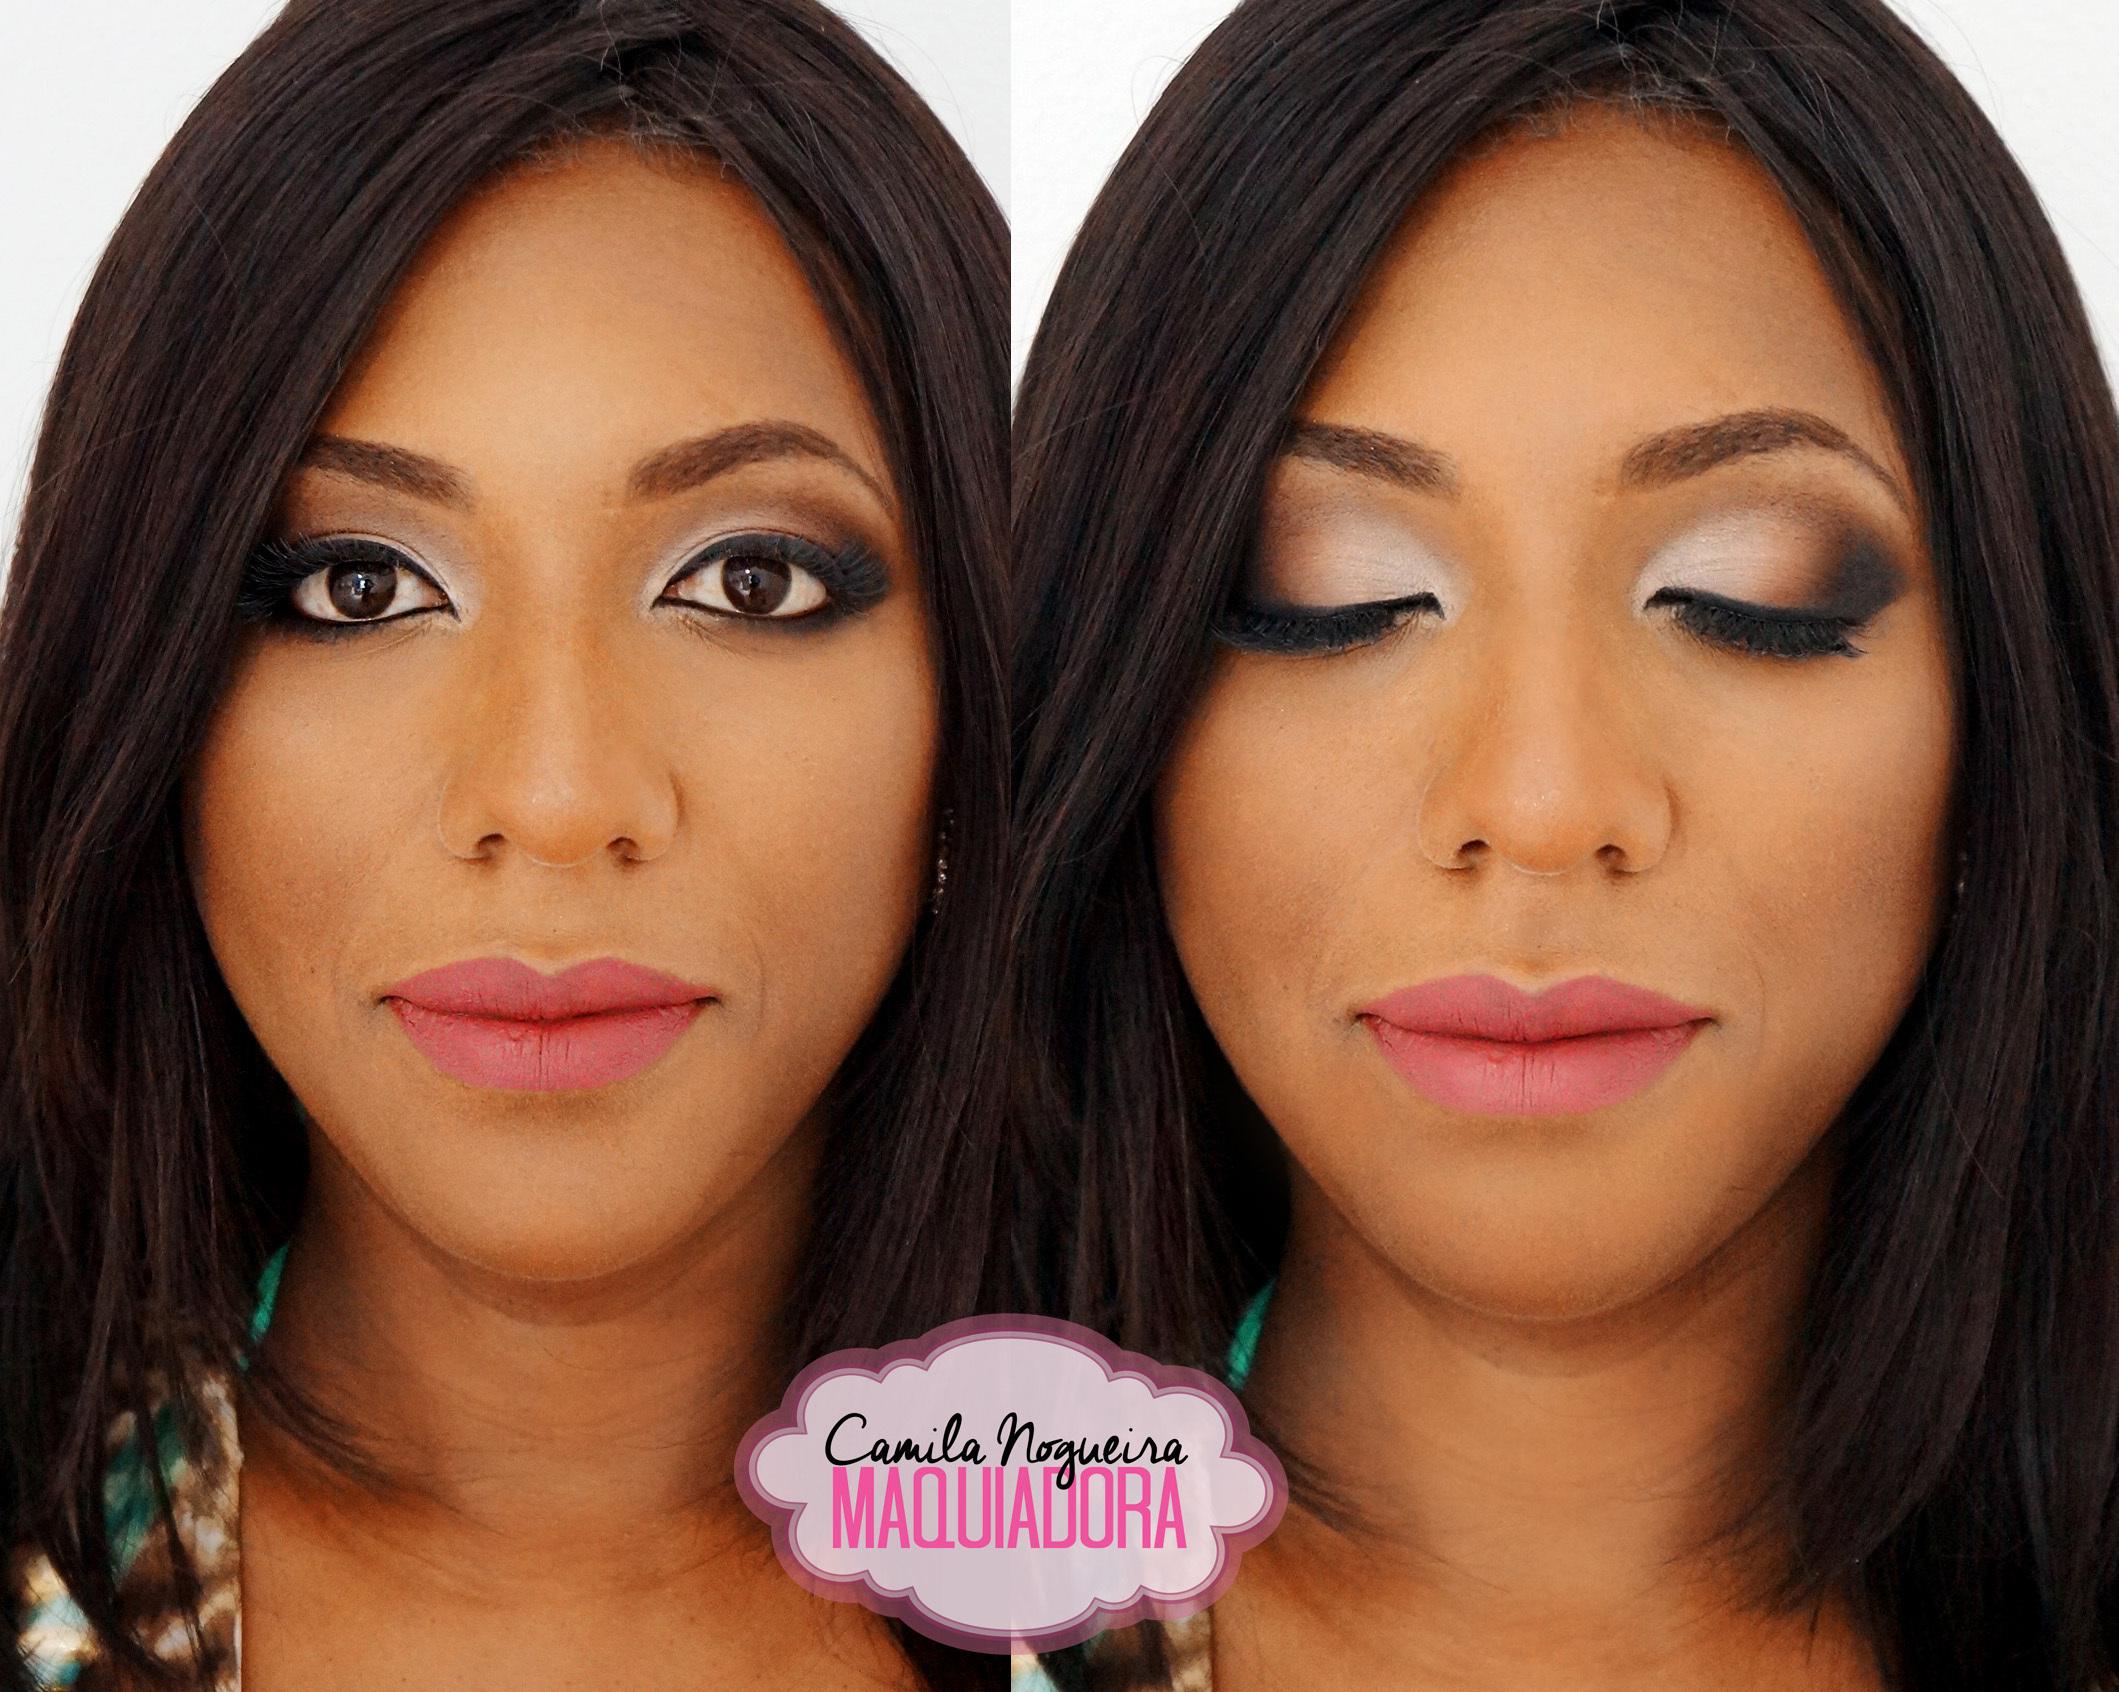 Maquiagem neutra para ensaio externo gestante <3 #maquiagem #ensaiofotografico #ubatuba #gravida #gestante maquiagem maquiador(a)